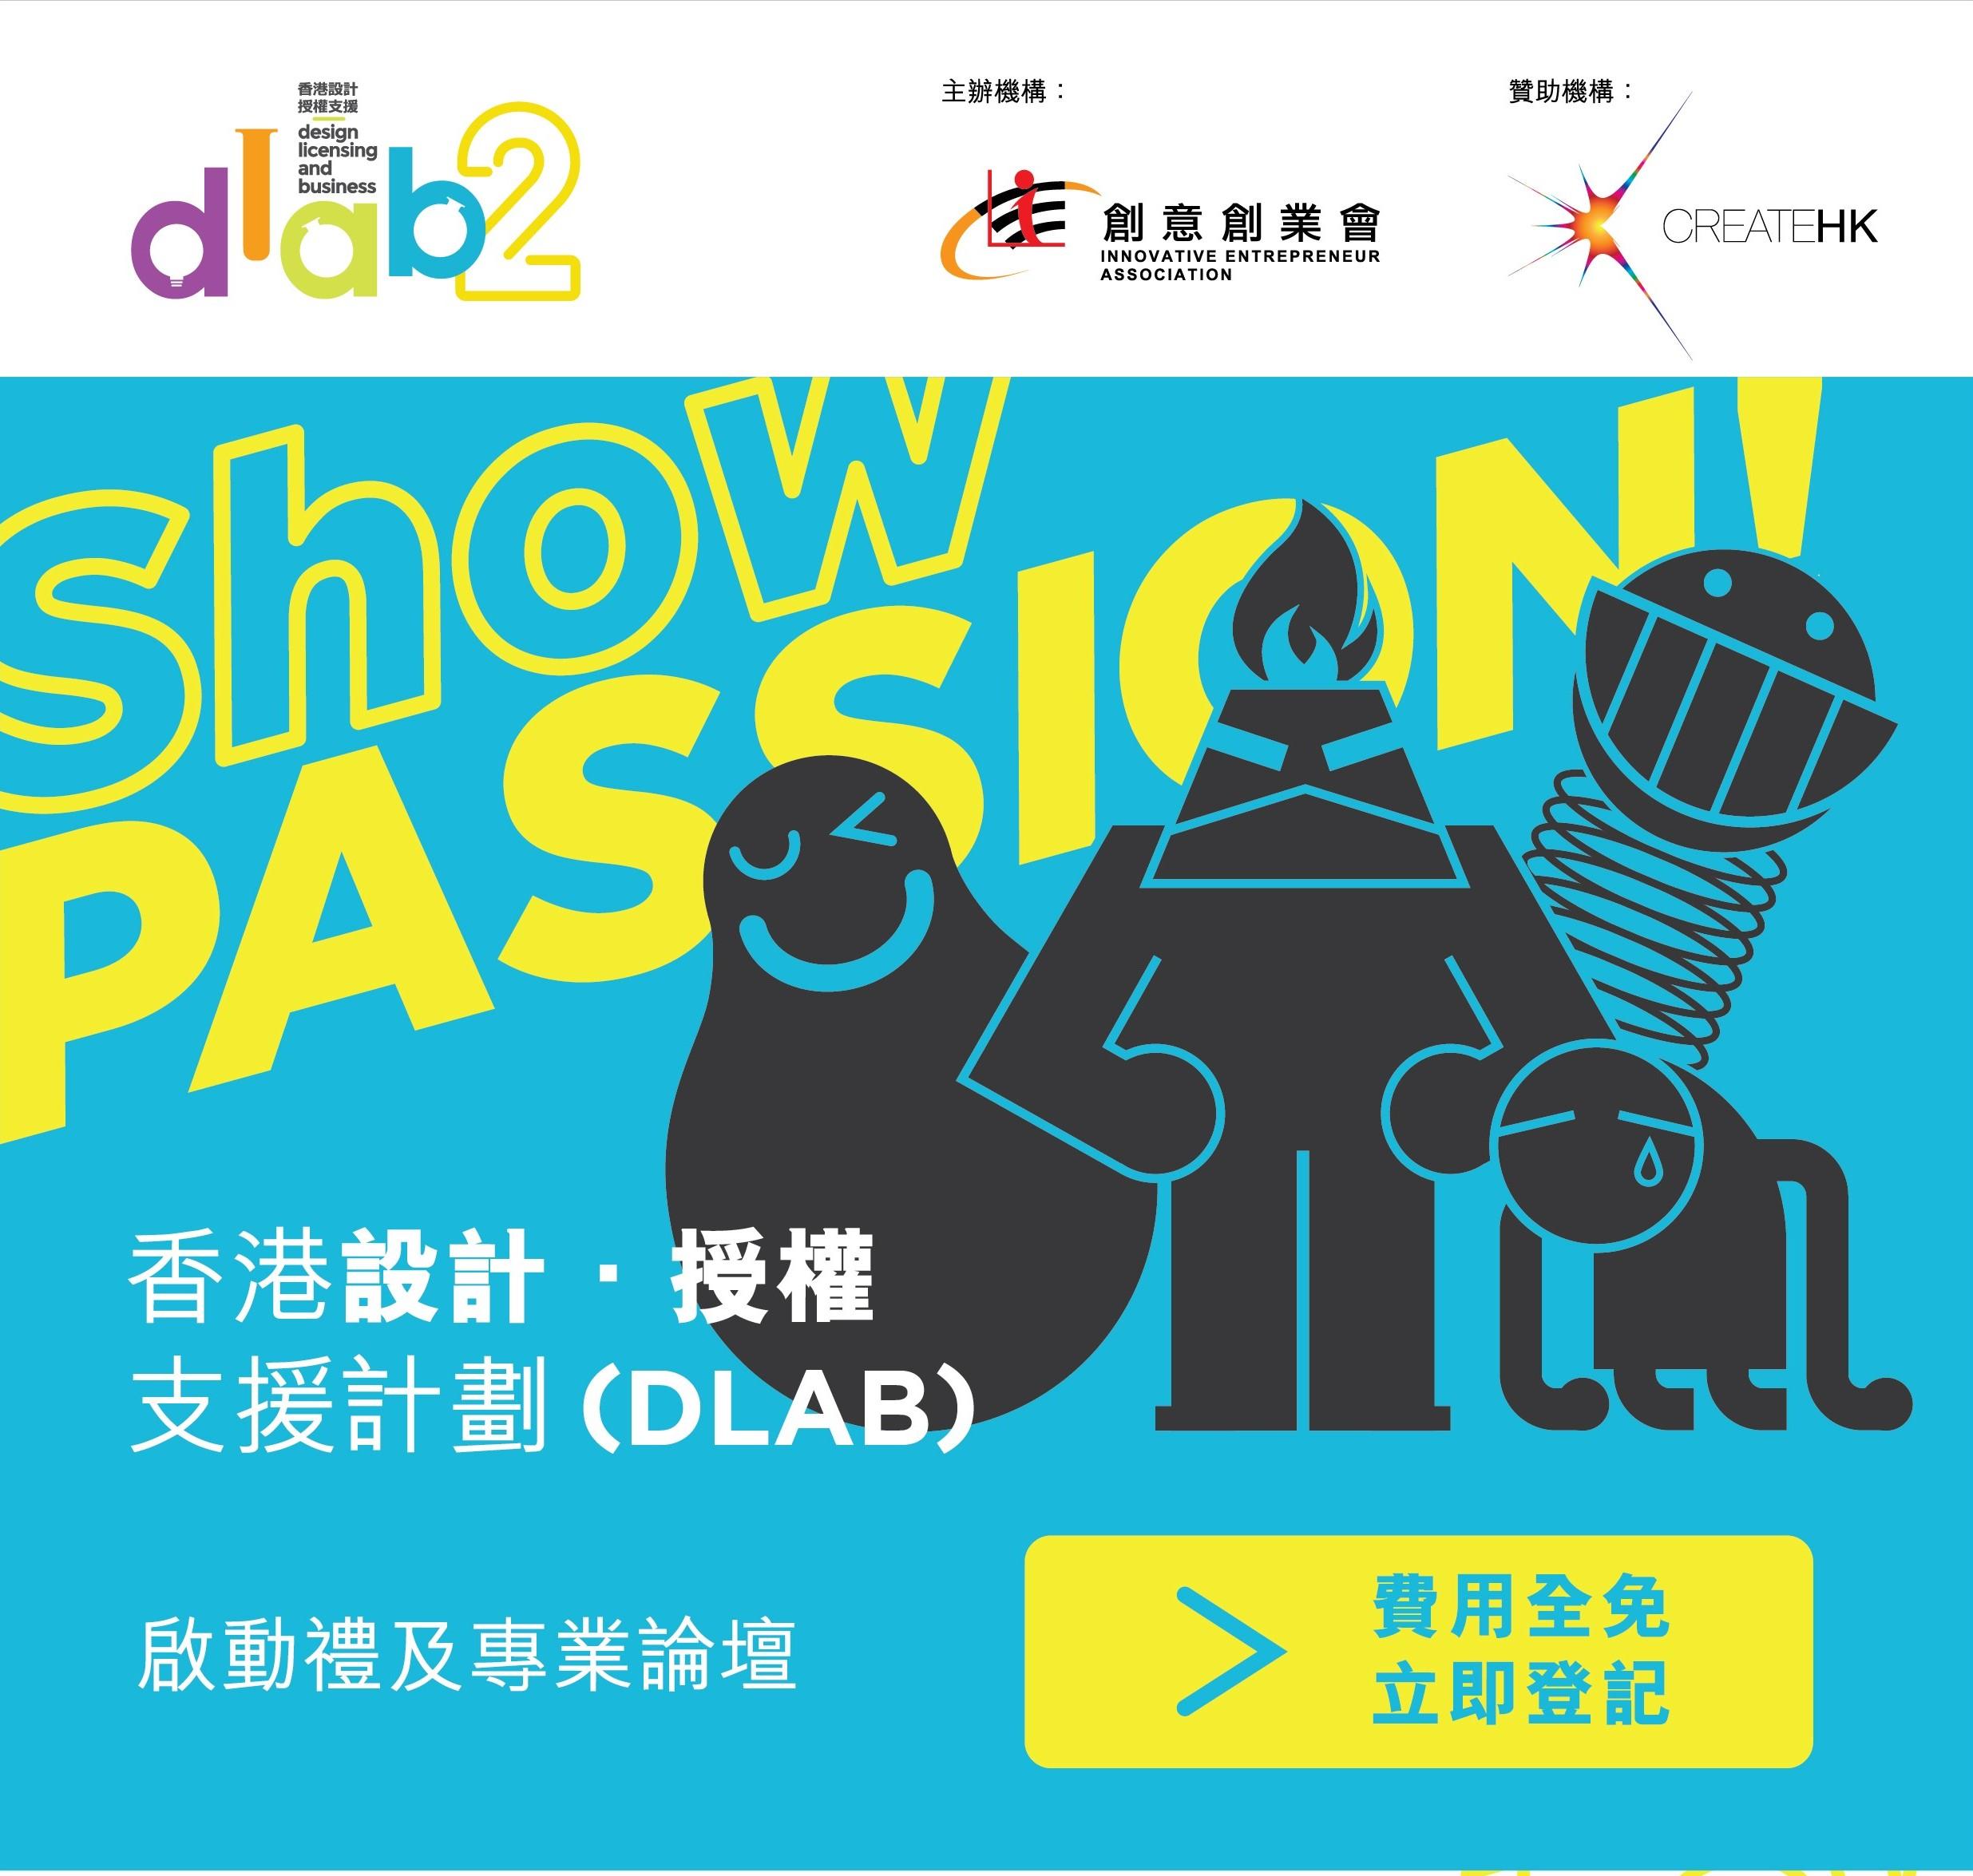 支持活動 - 第二屆「香港設計、授權支援計劃(DLAB)」啟動禮及專業論壇